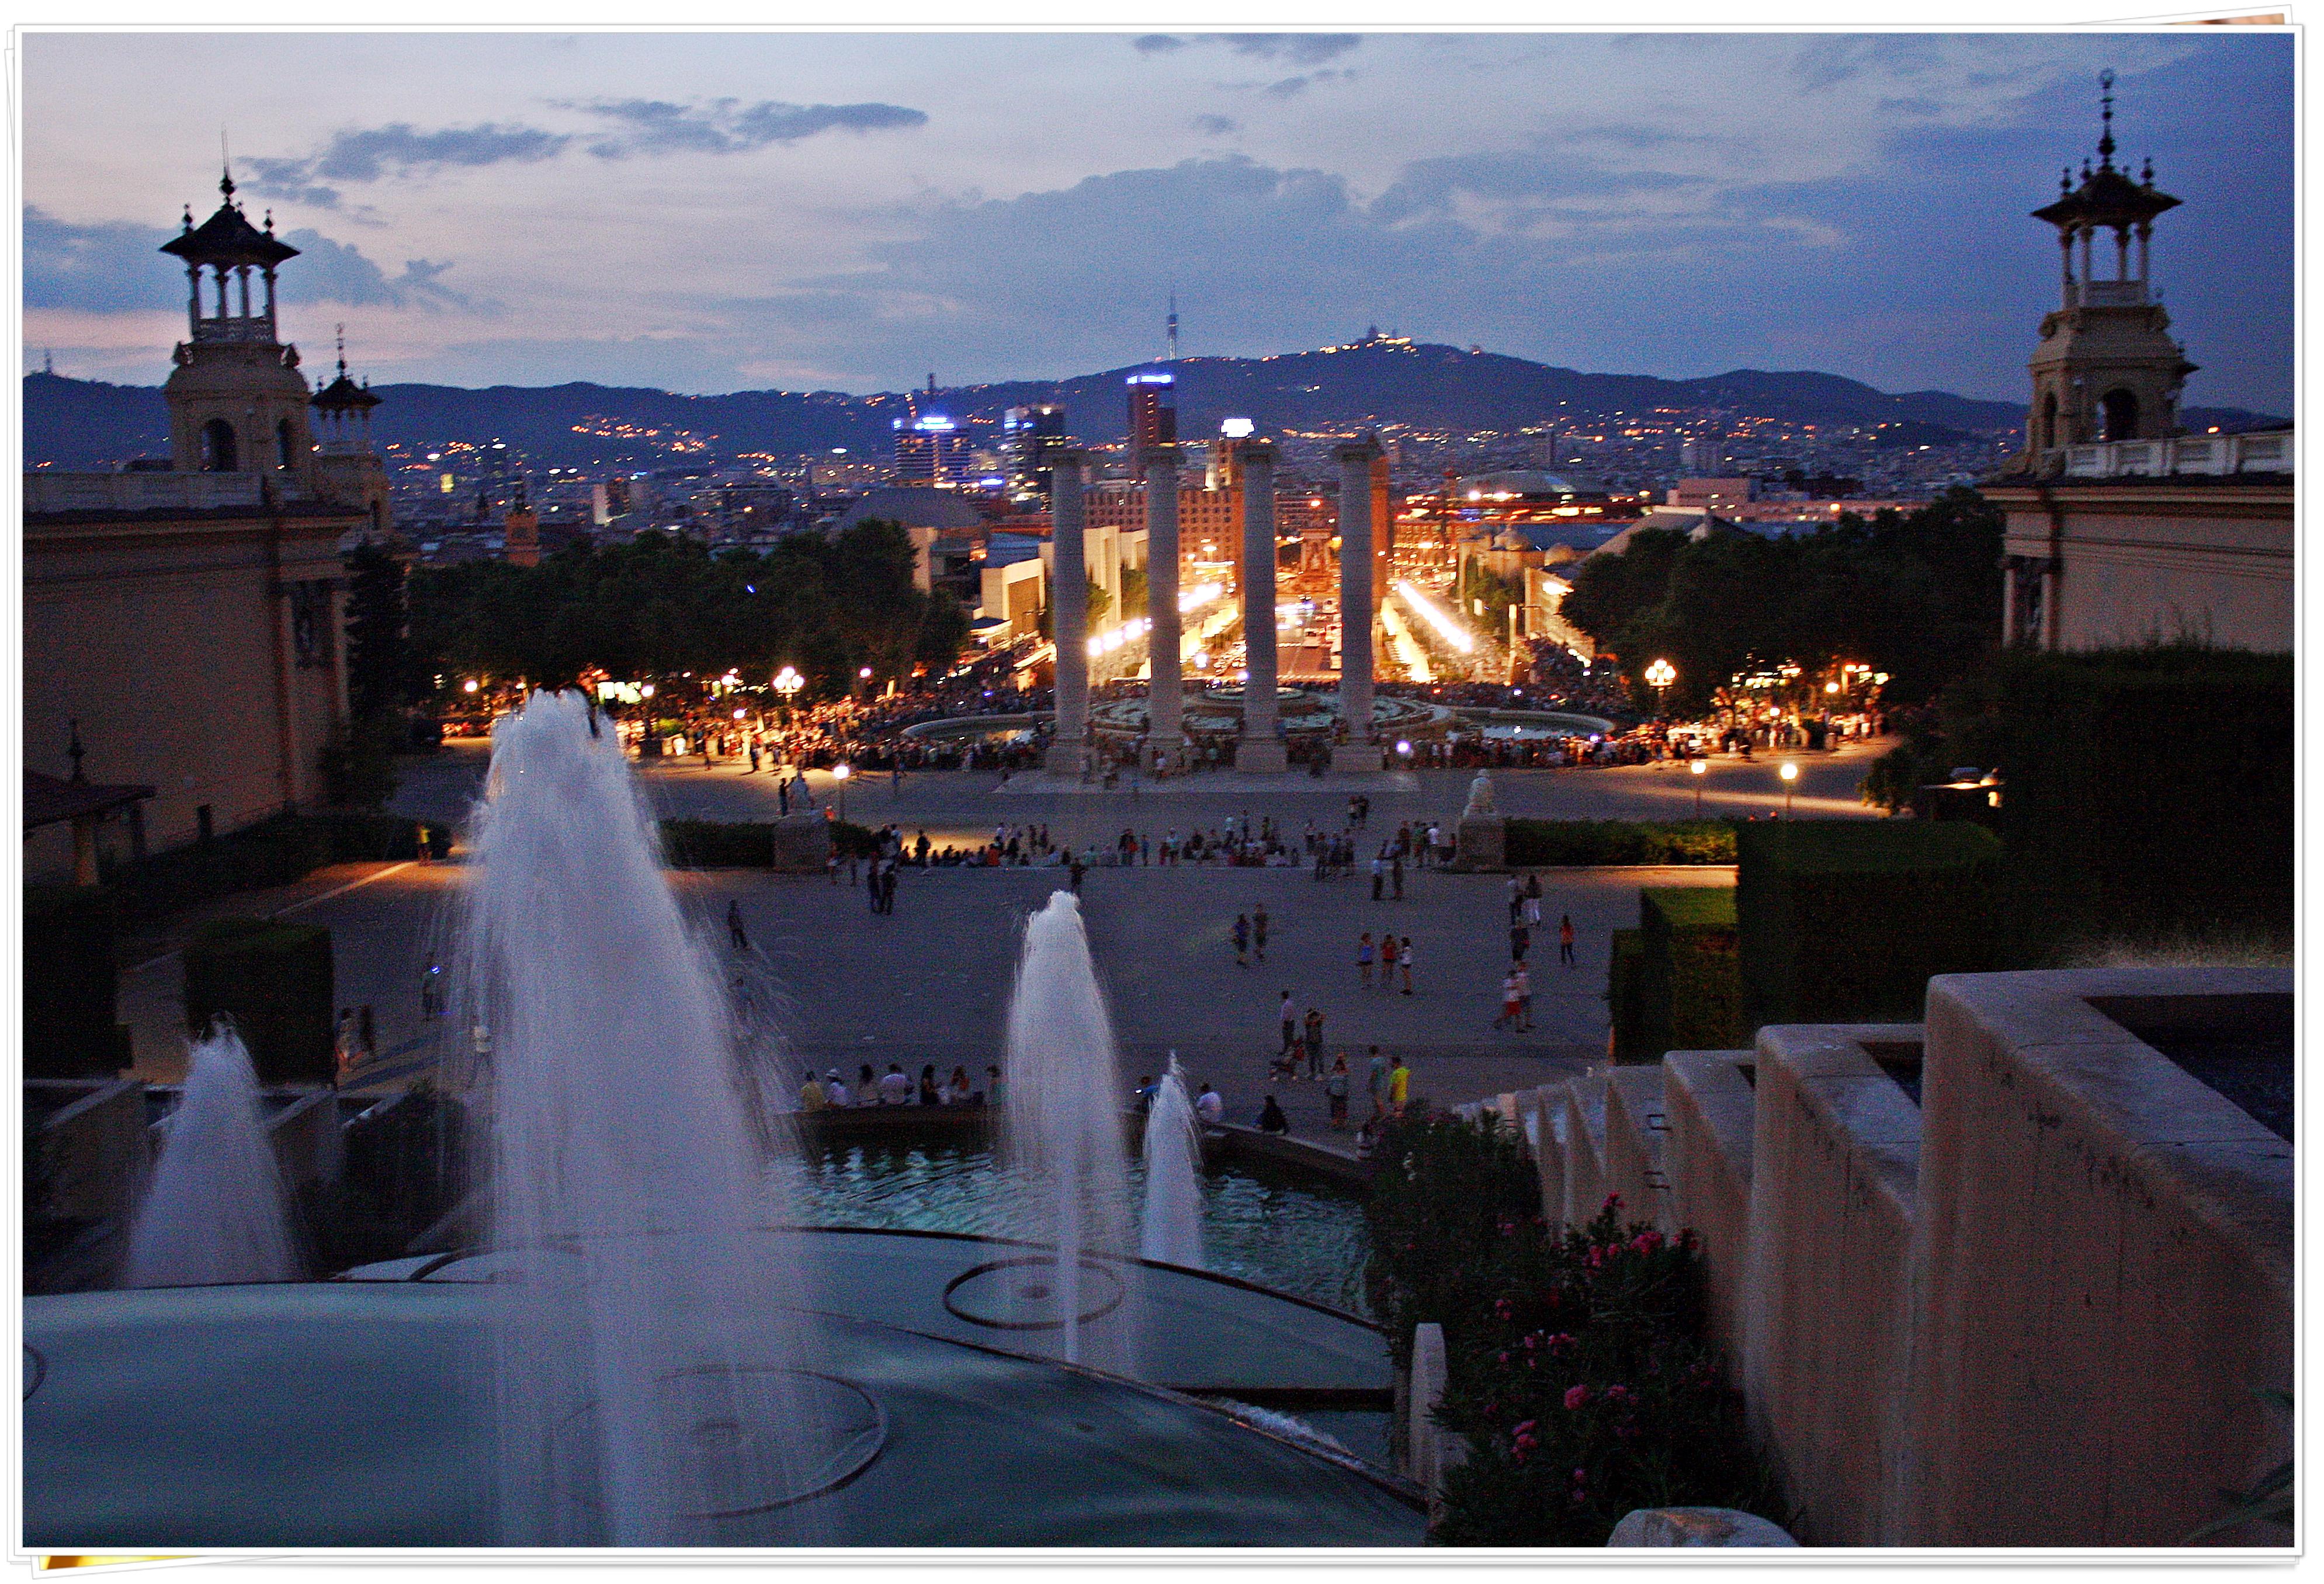 Parc de Montjuic - Barcelona, Spain 2013